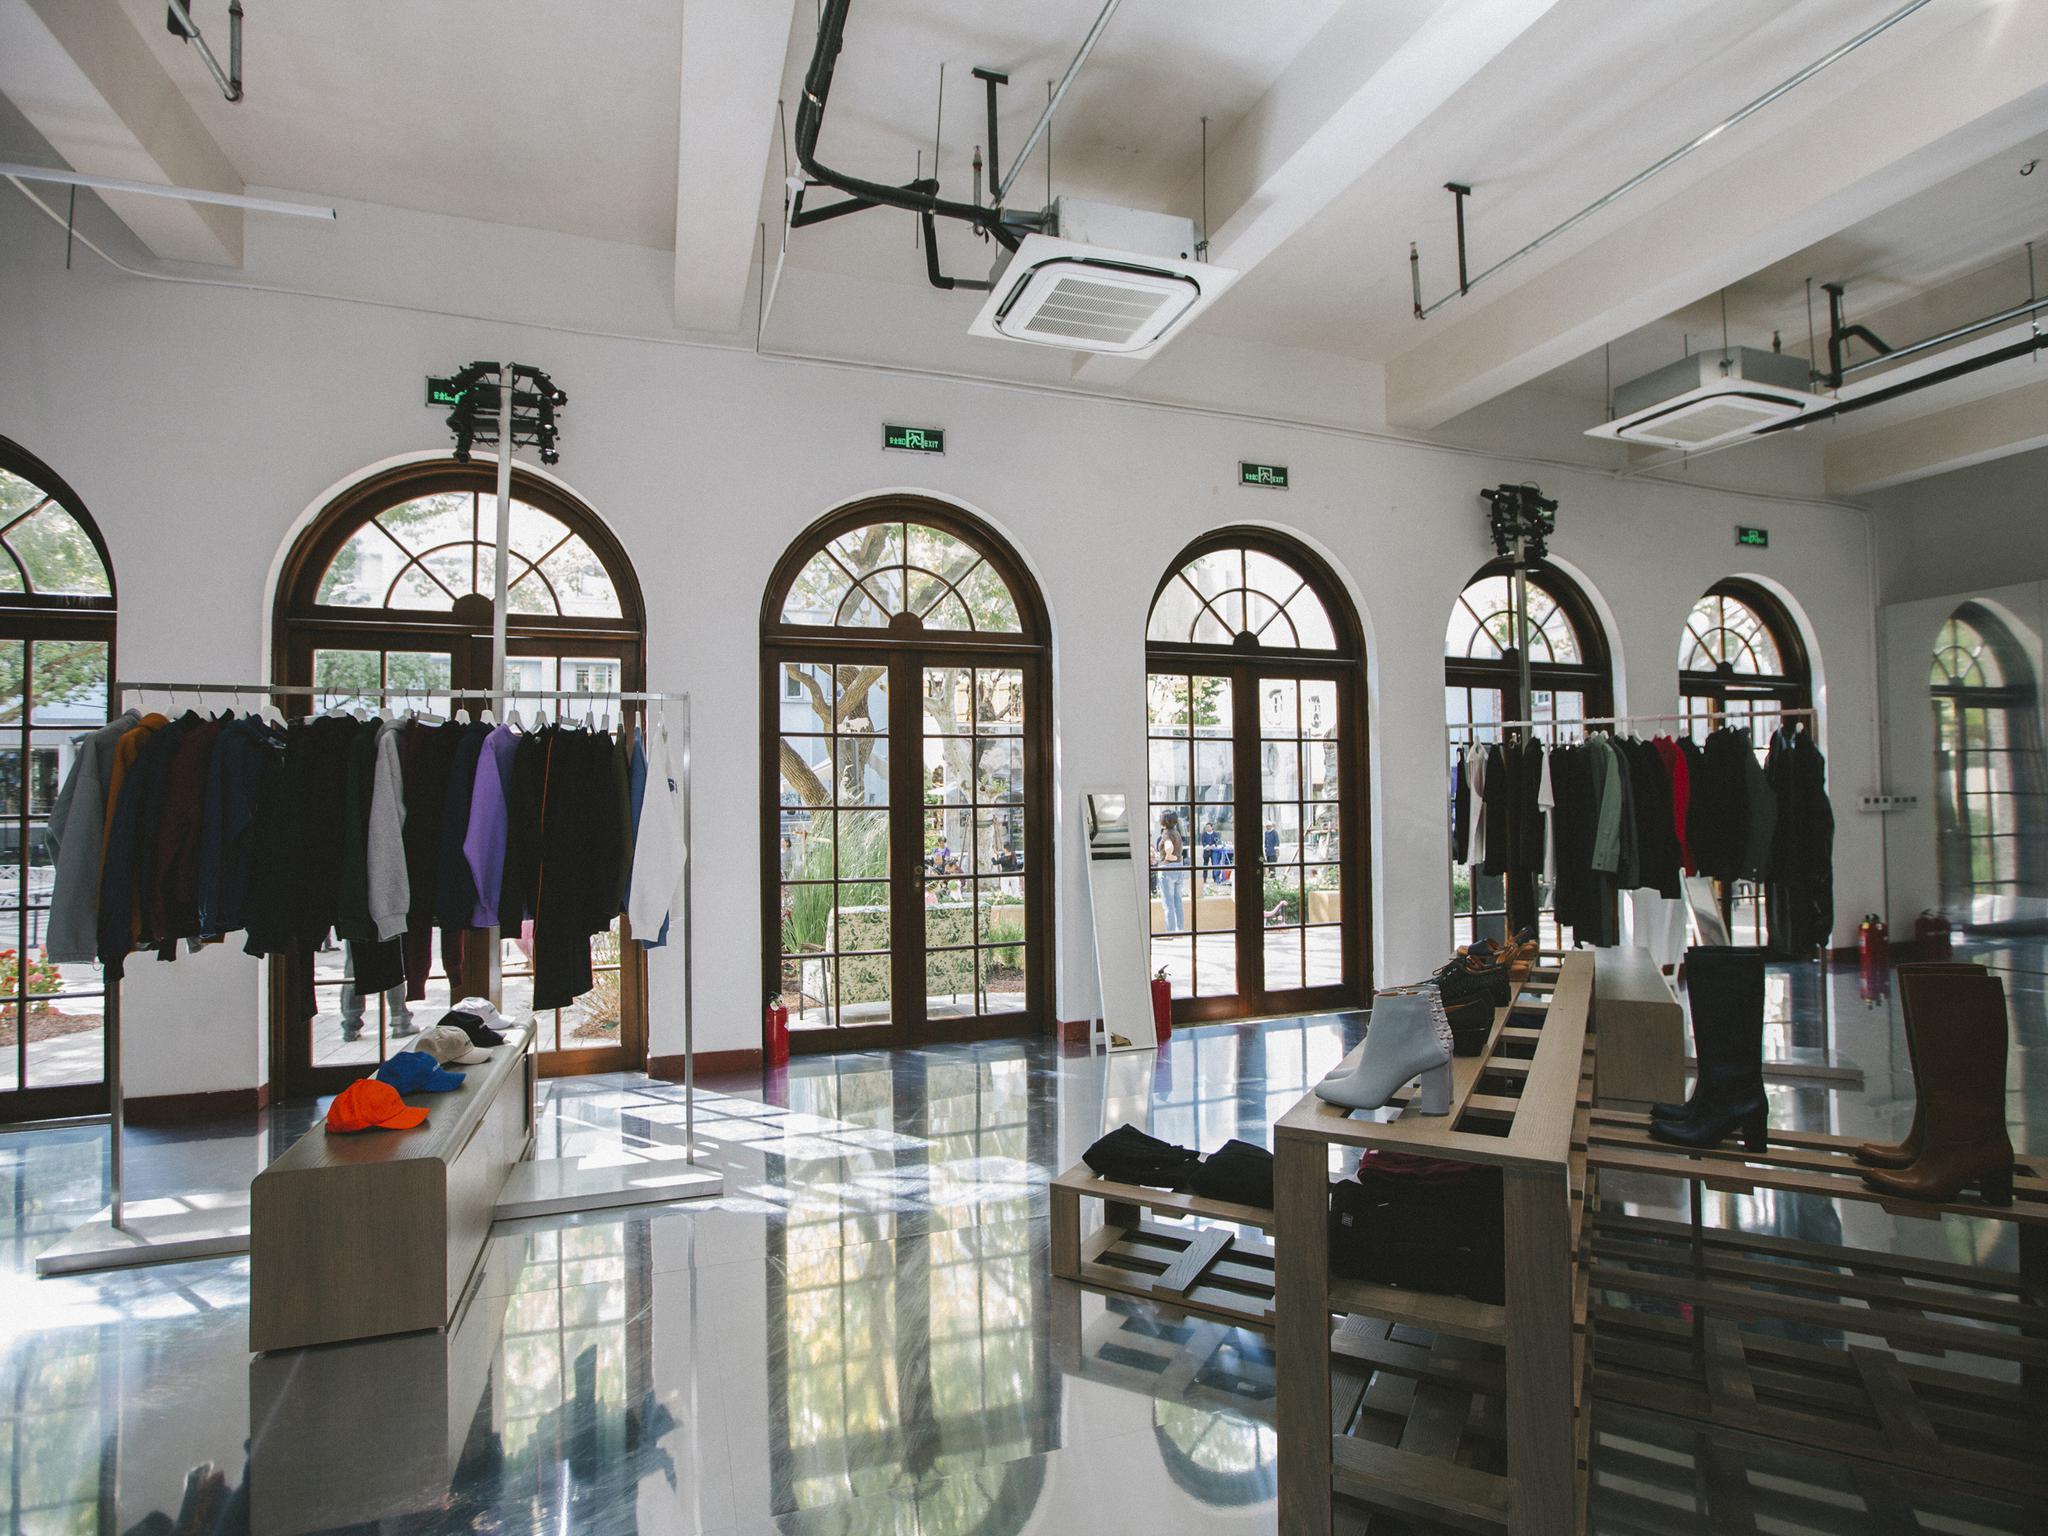 Xcommons 作为中国极具影响力的沉浸式时尚艺术实验现场